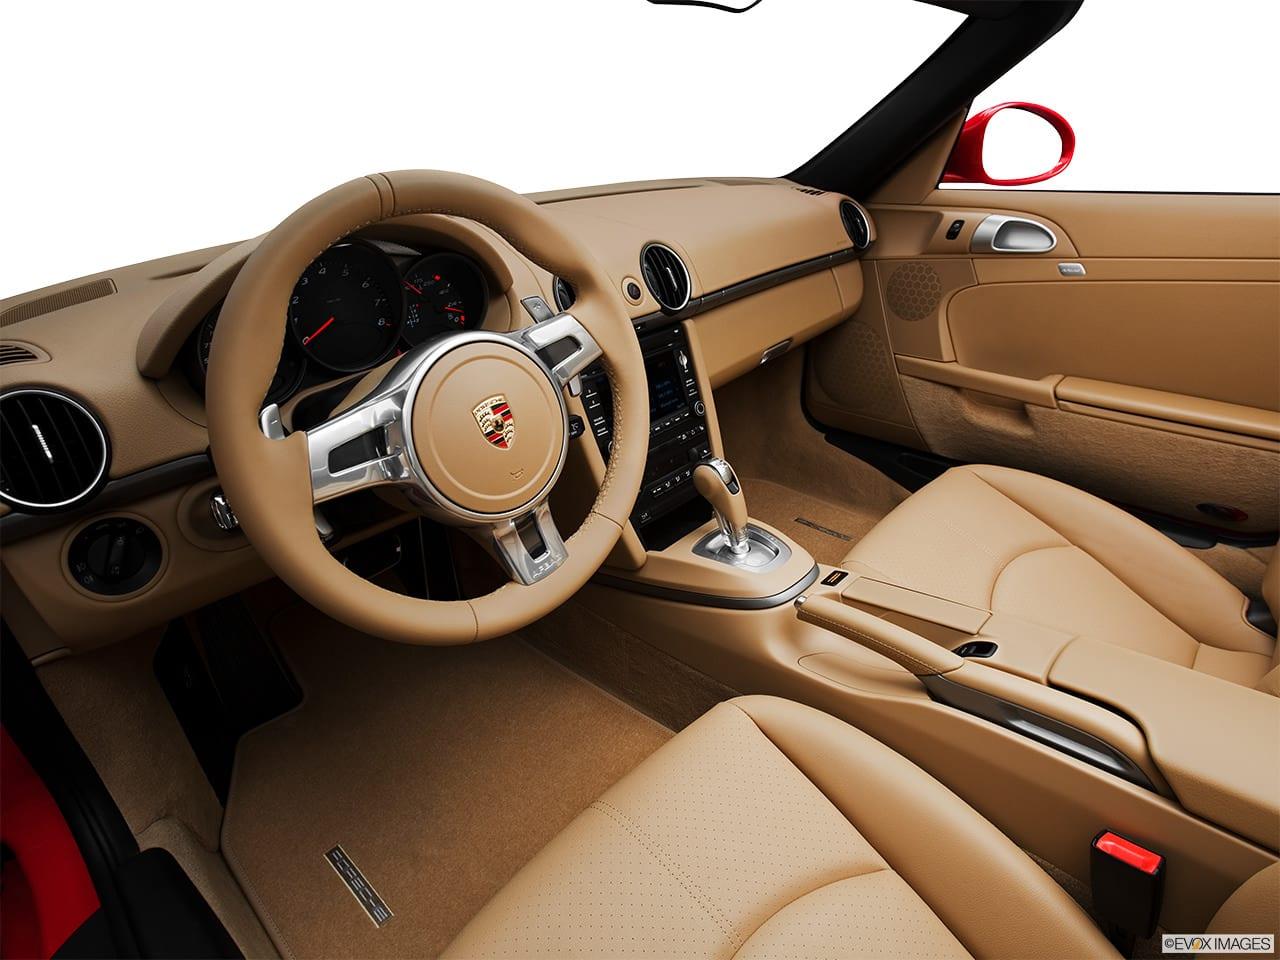 Porsche Boxster 2012 Interior